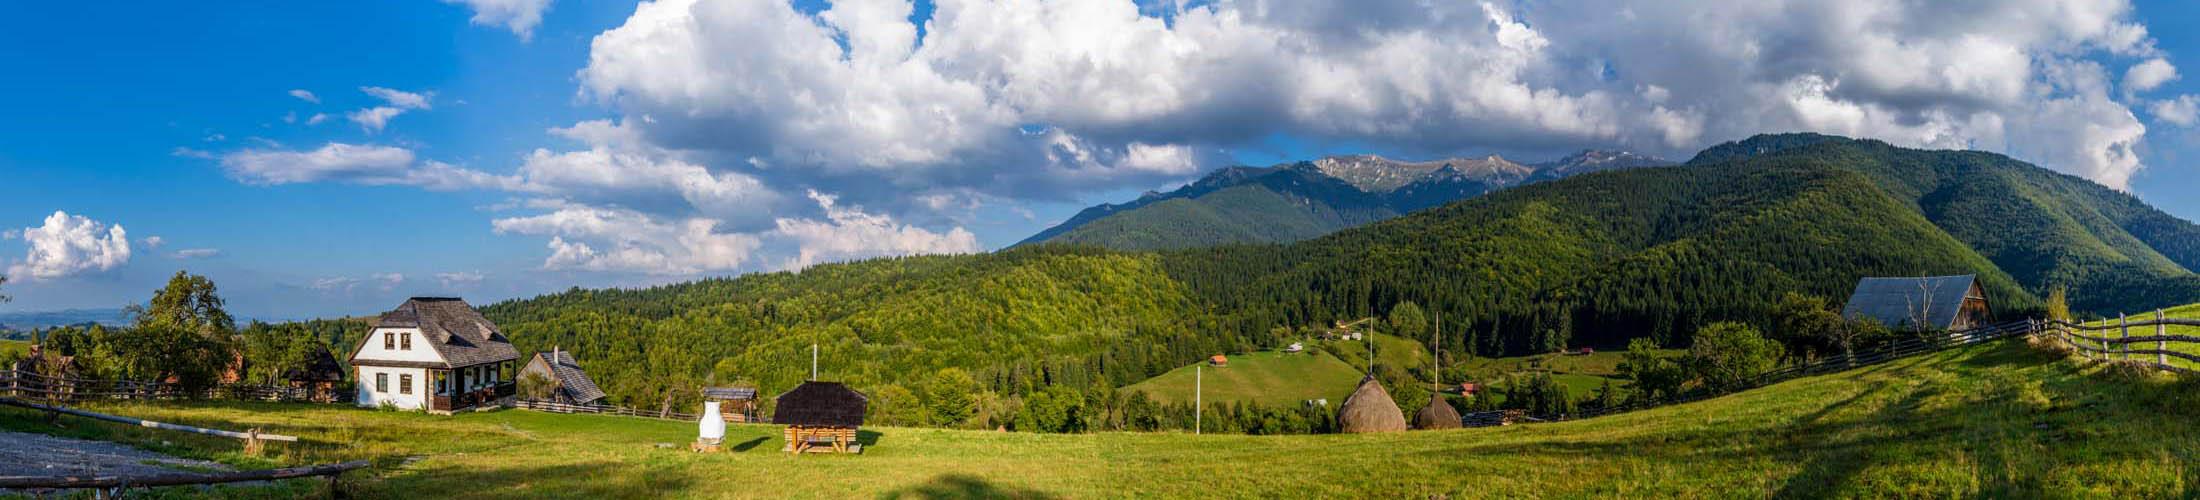 Simon, Transylvania, Romania